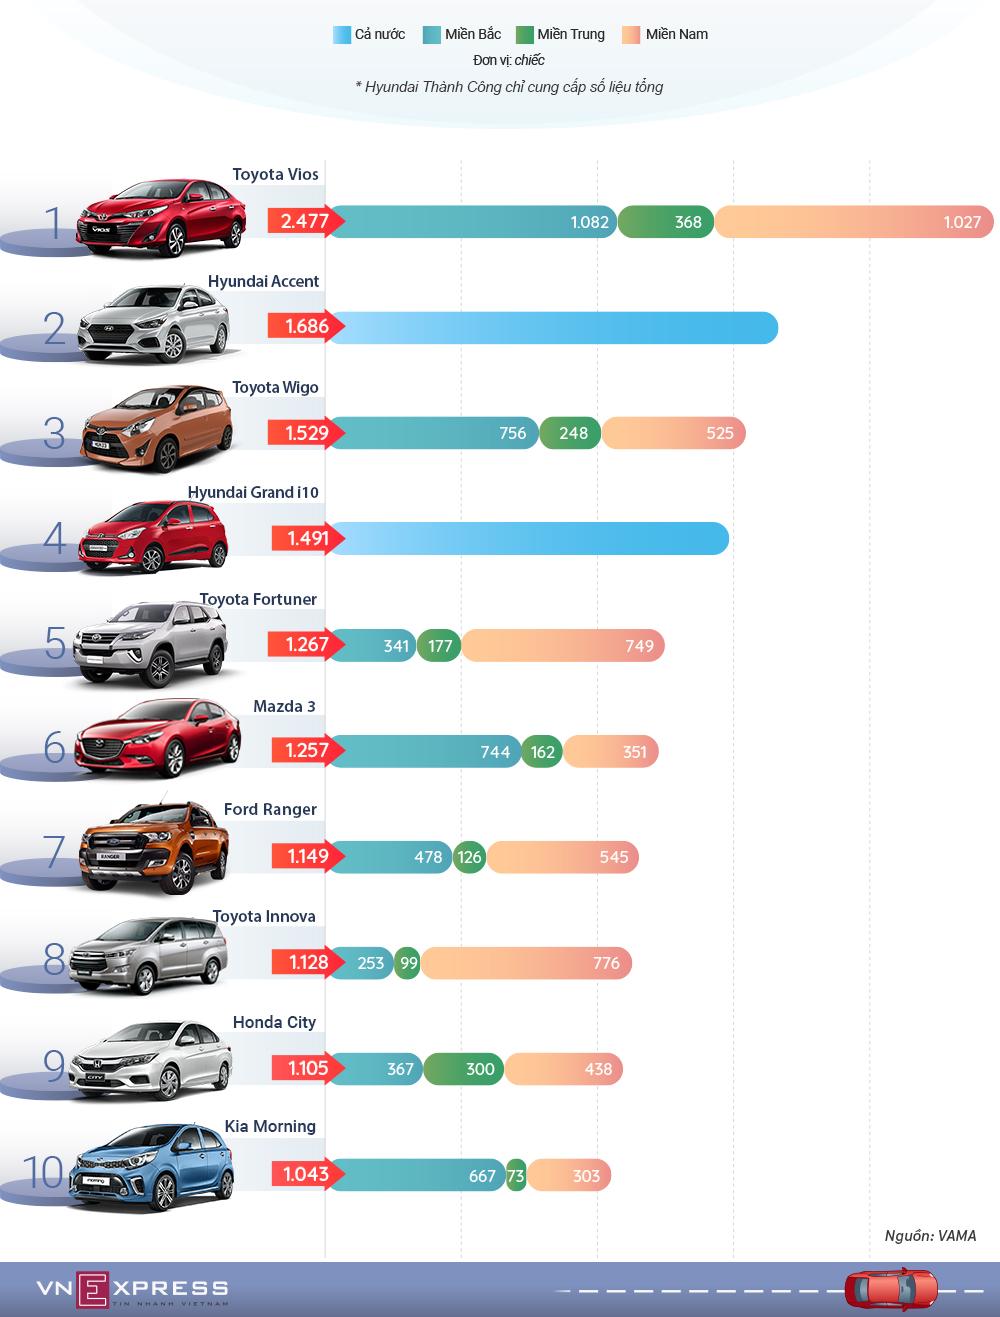 10 xe bán chạy nhất tháng 10 - Toyota áp đảo Hyundai và Trường Hải